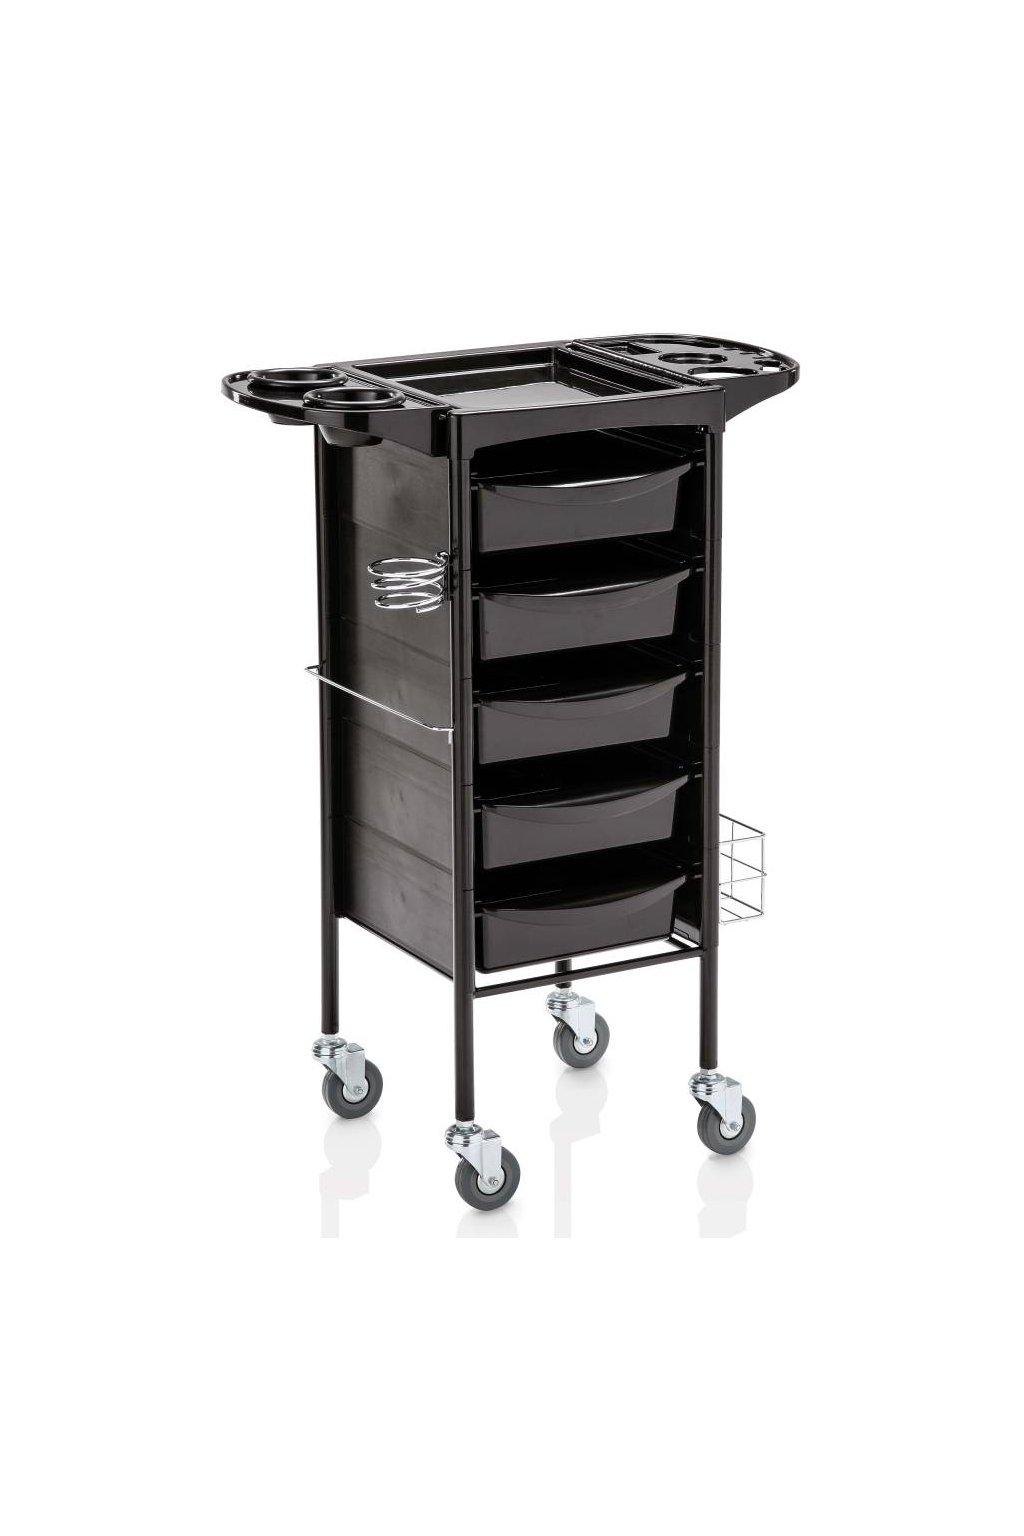 Kadeřnický vozík TECNO 200-5, 5 šuplíků (Barva Černá)